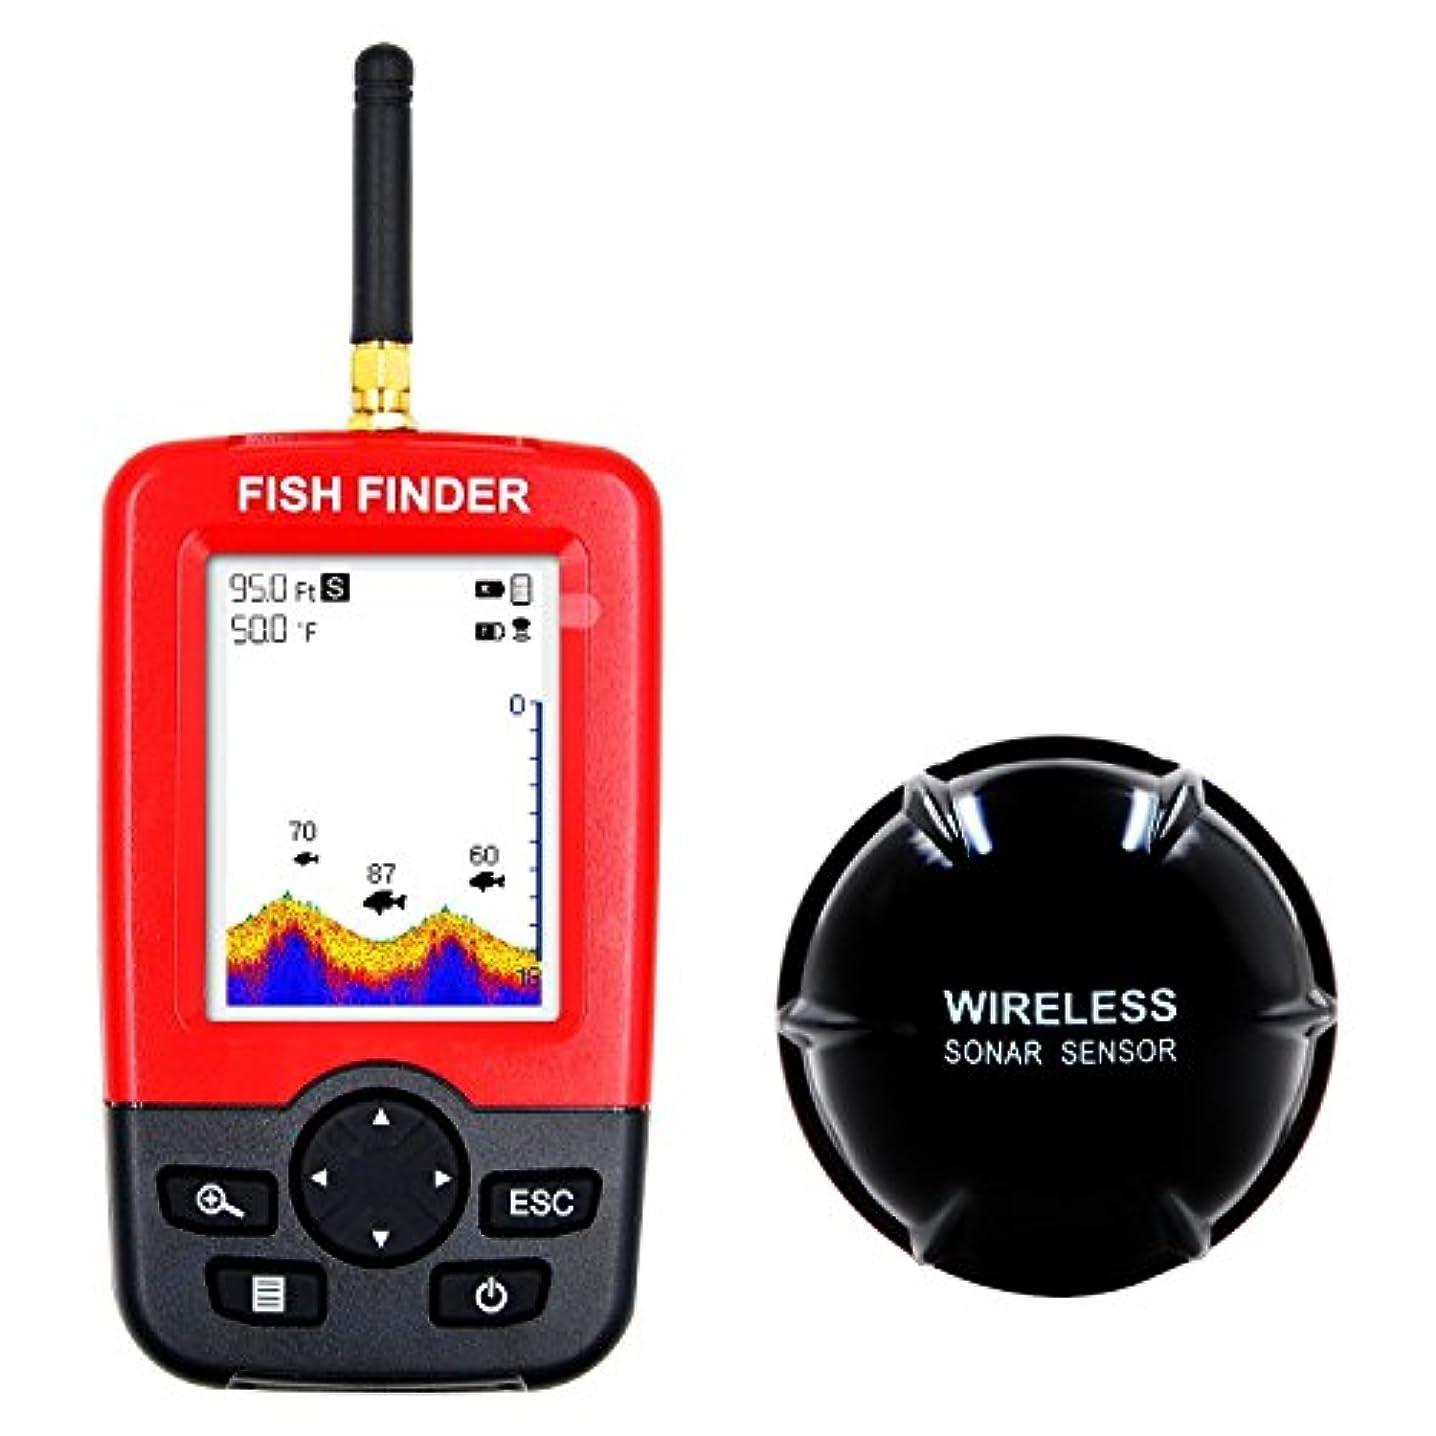 犯罪スカウトり魚群探知機 ポータブル 魚探 100メートルの検出範囲ワイヤレス魚群探知機 充電式 魚探 より速くより正確な釣り